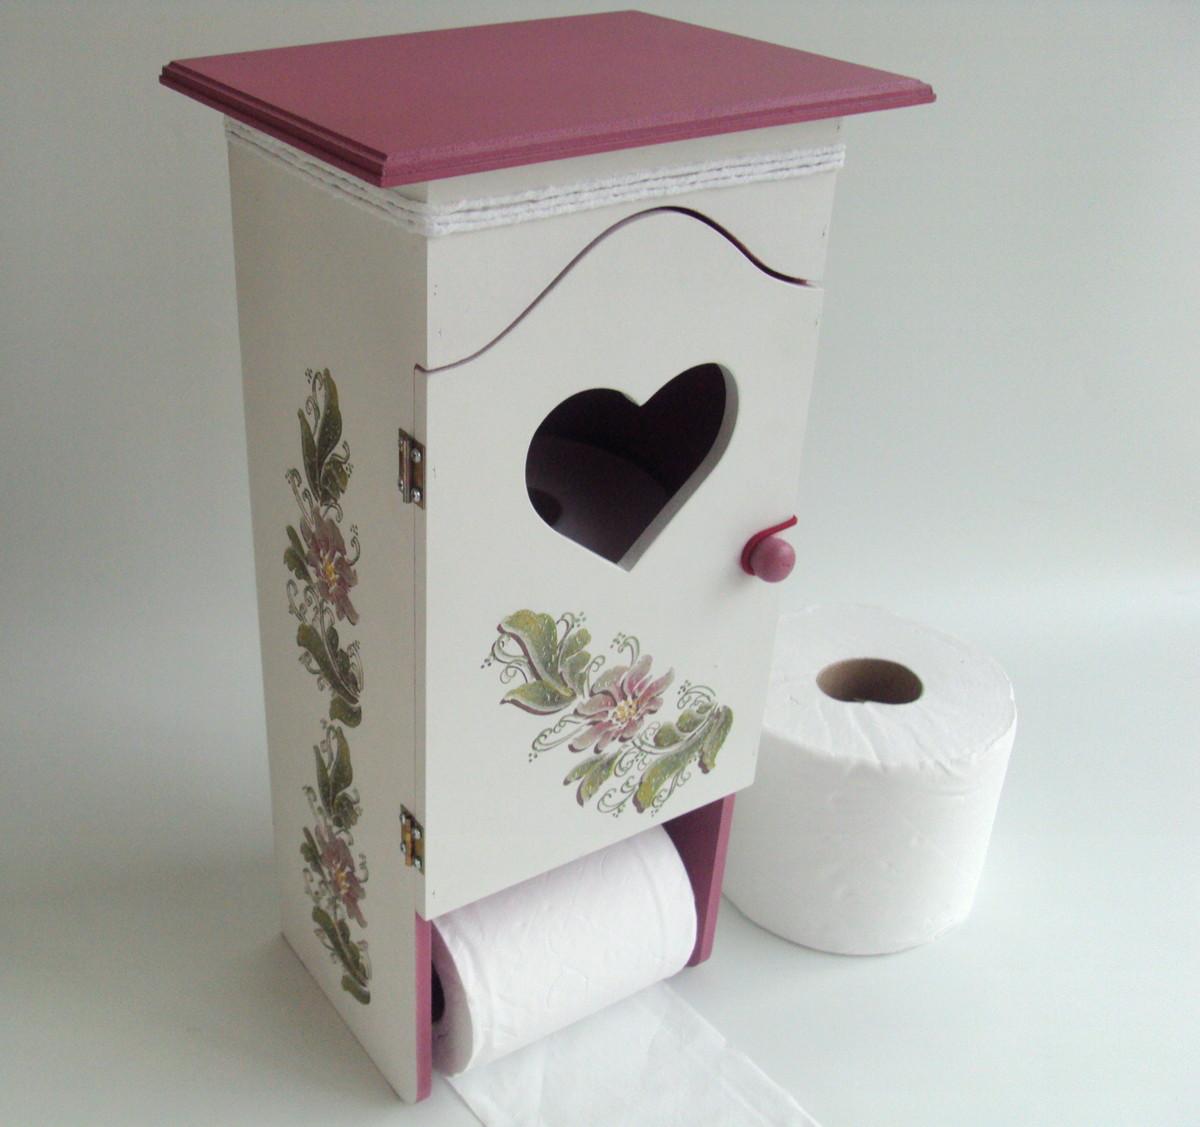 Porta papel higi nico atelier madeira e arte elo7 - Rollos de papel higienico decorados ...